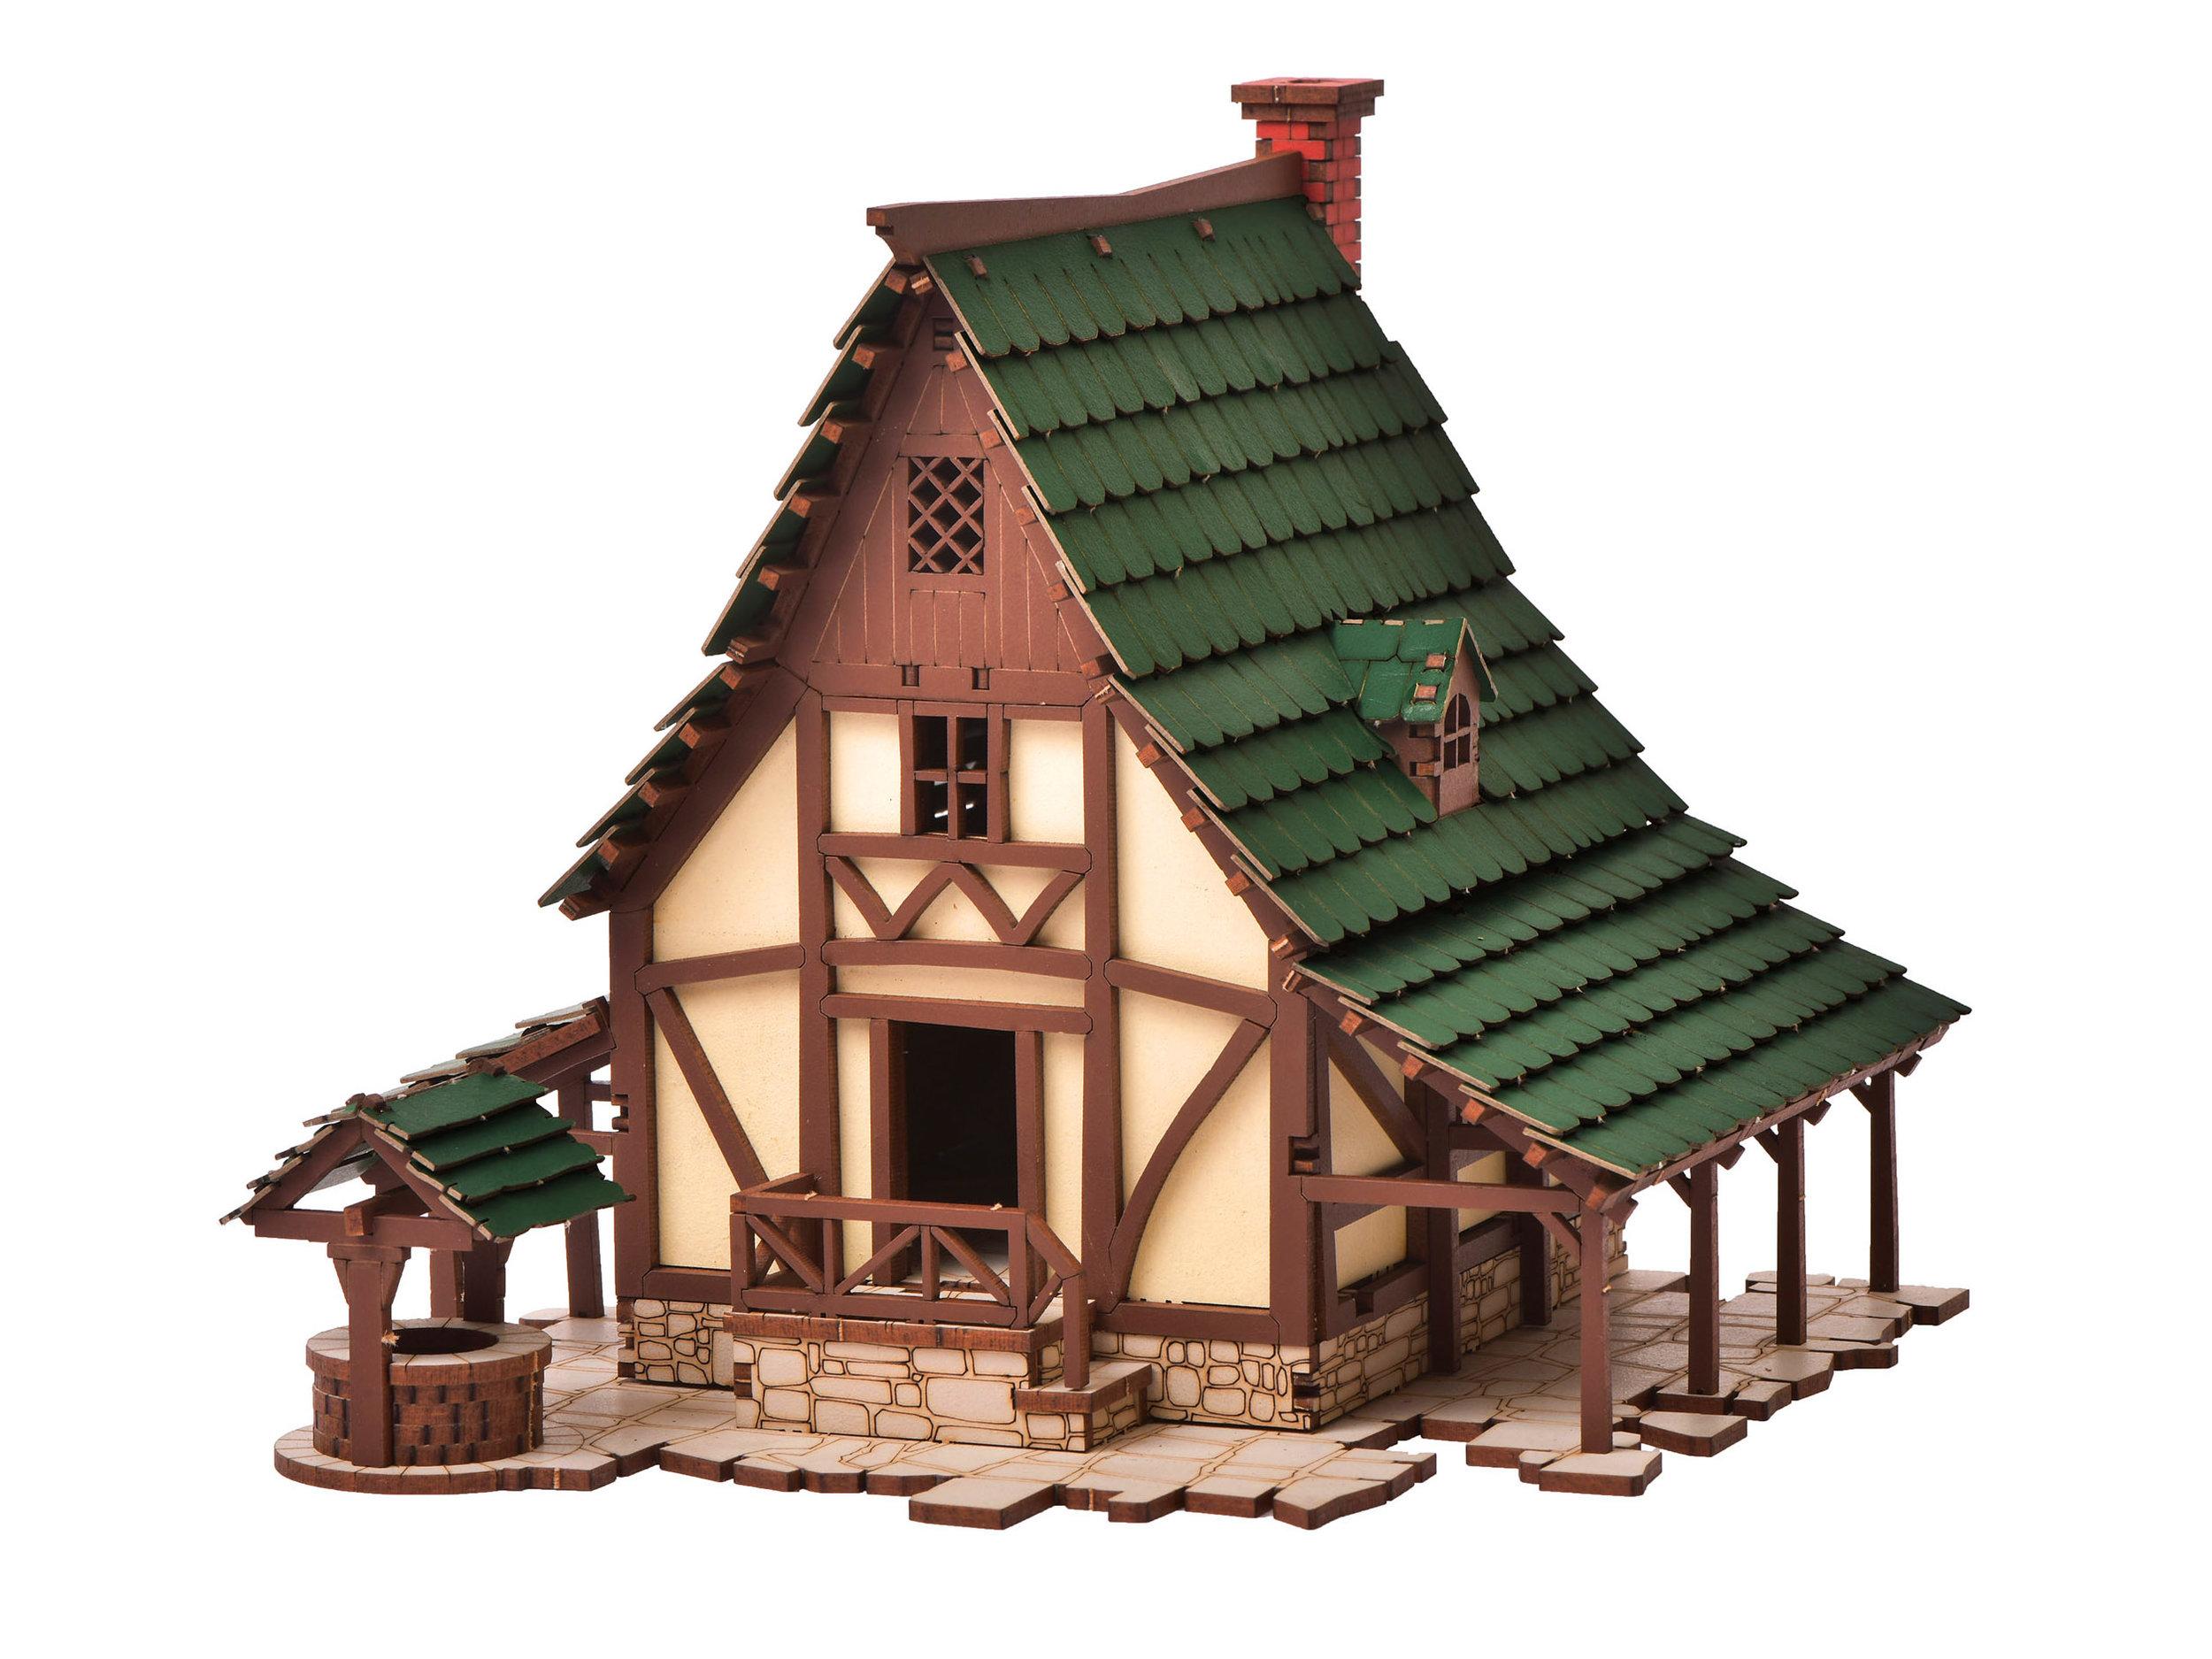 Medieval European Rural Peasant Dwelling